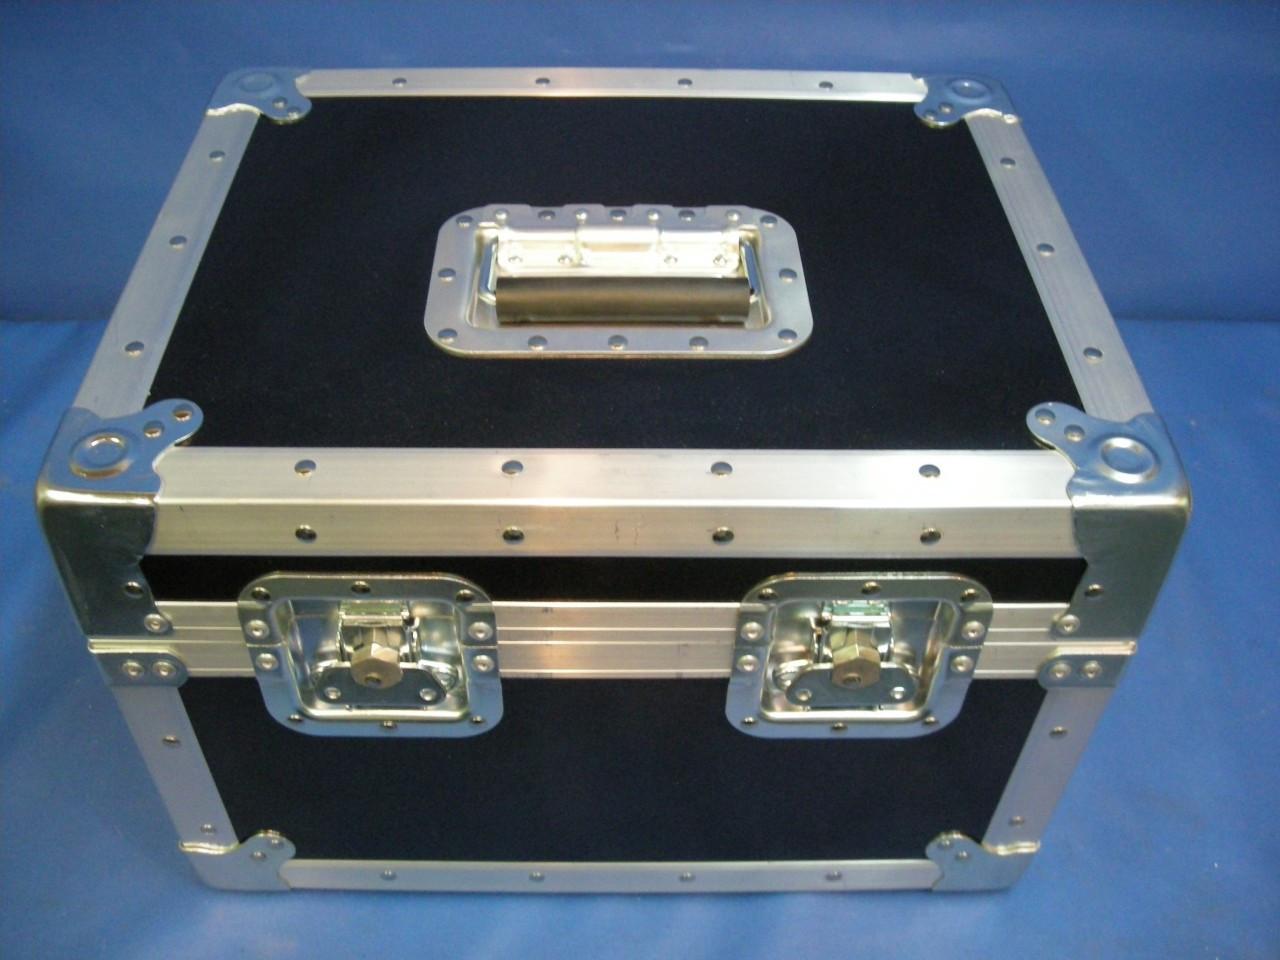 Arri Ultra Prime (4 Position) Custom ATA Shipping Case - Exterior View